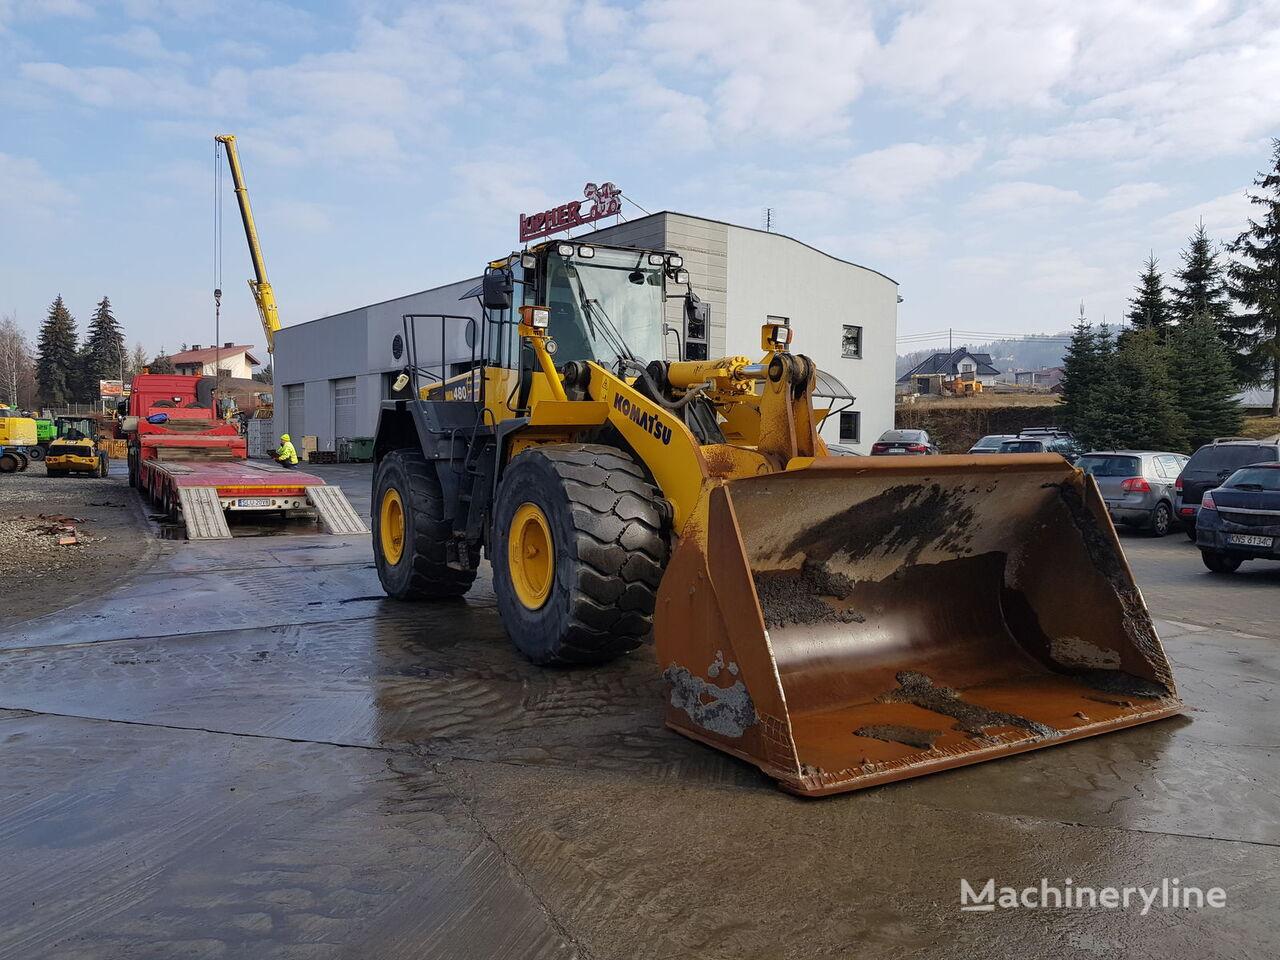 KOMATSU WA 480-6 wheel loader